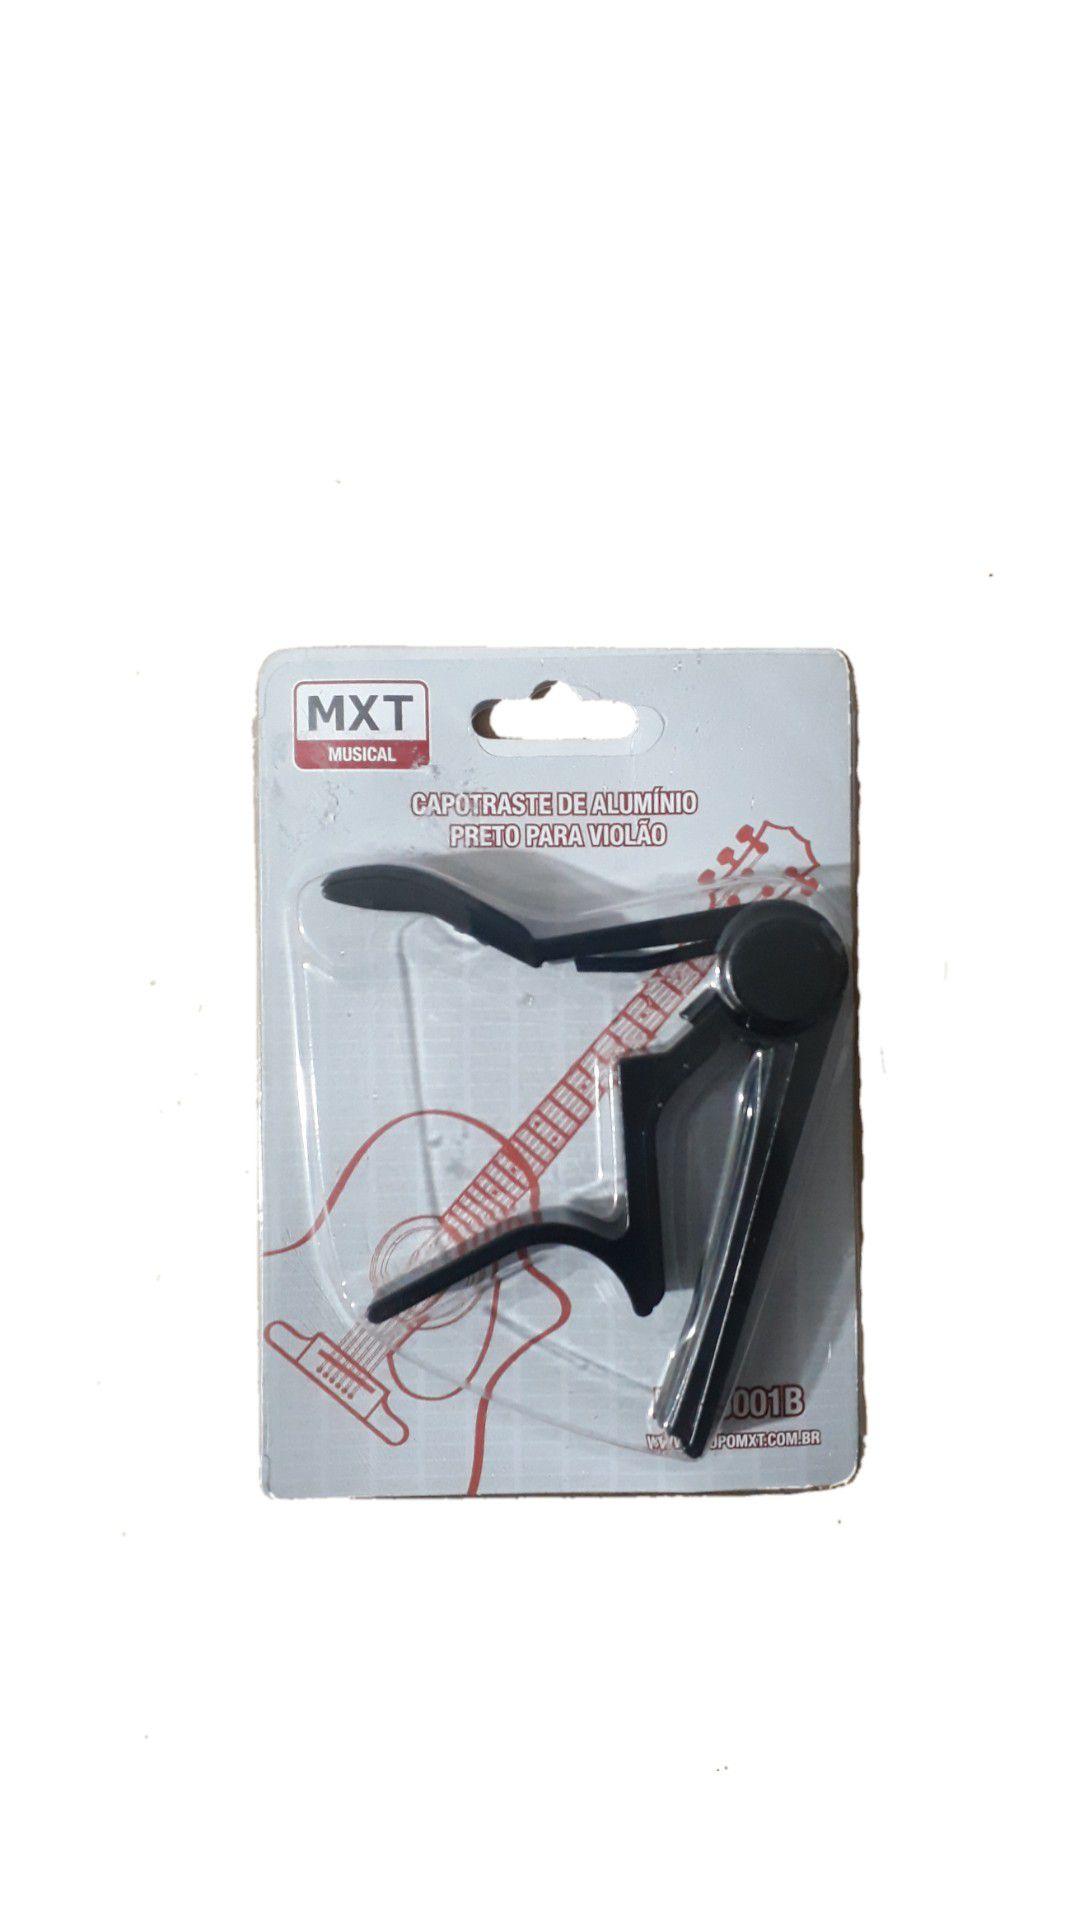 Abraçadeira Viol. Mxt Mc5001b 54521 P/viol.aço Preta